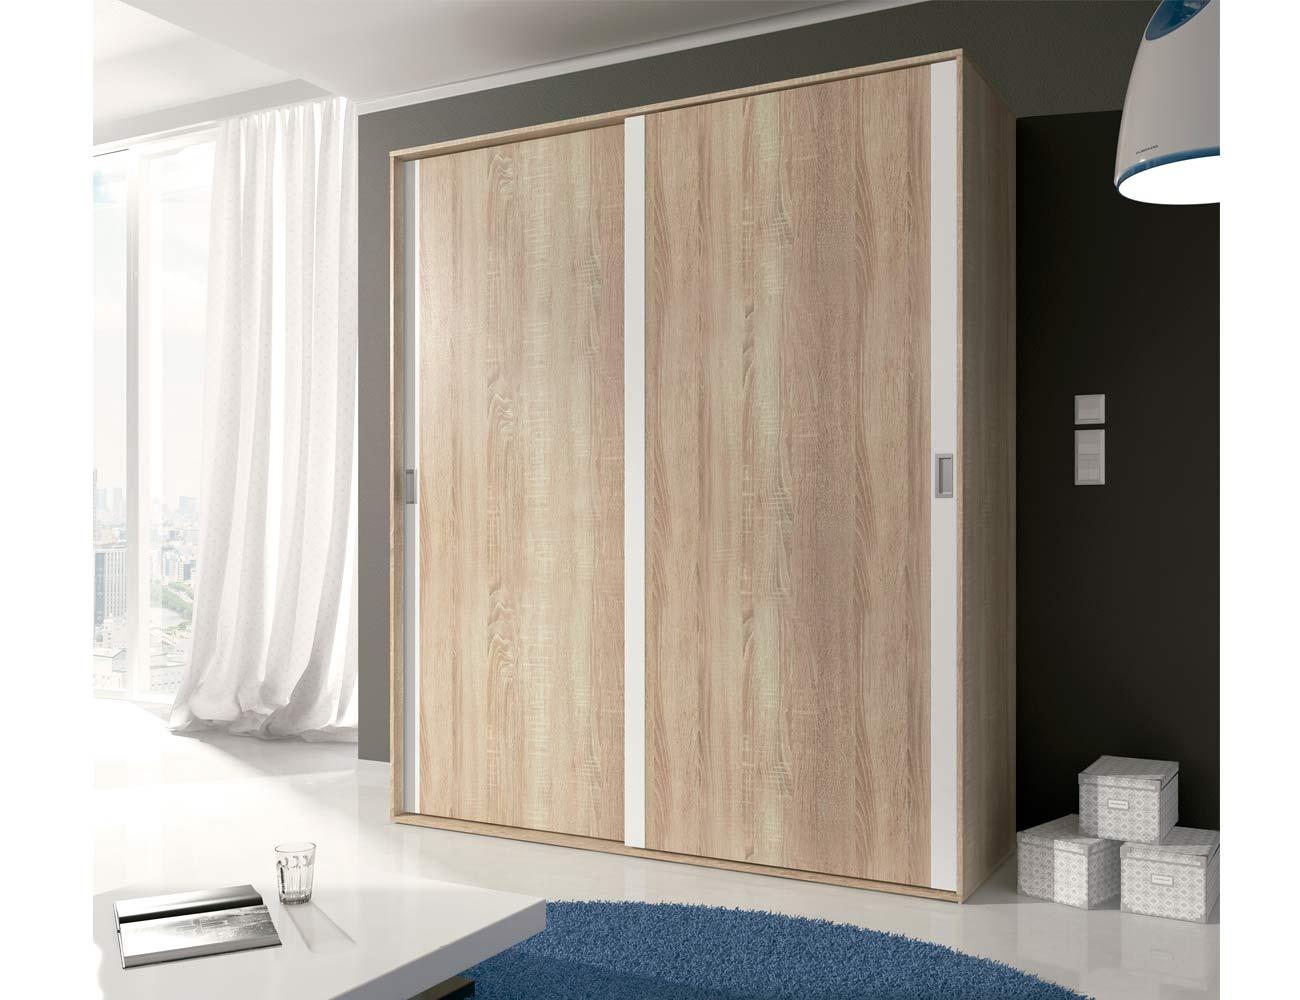 Detalle armario puertas correderas cambrian blanco2